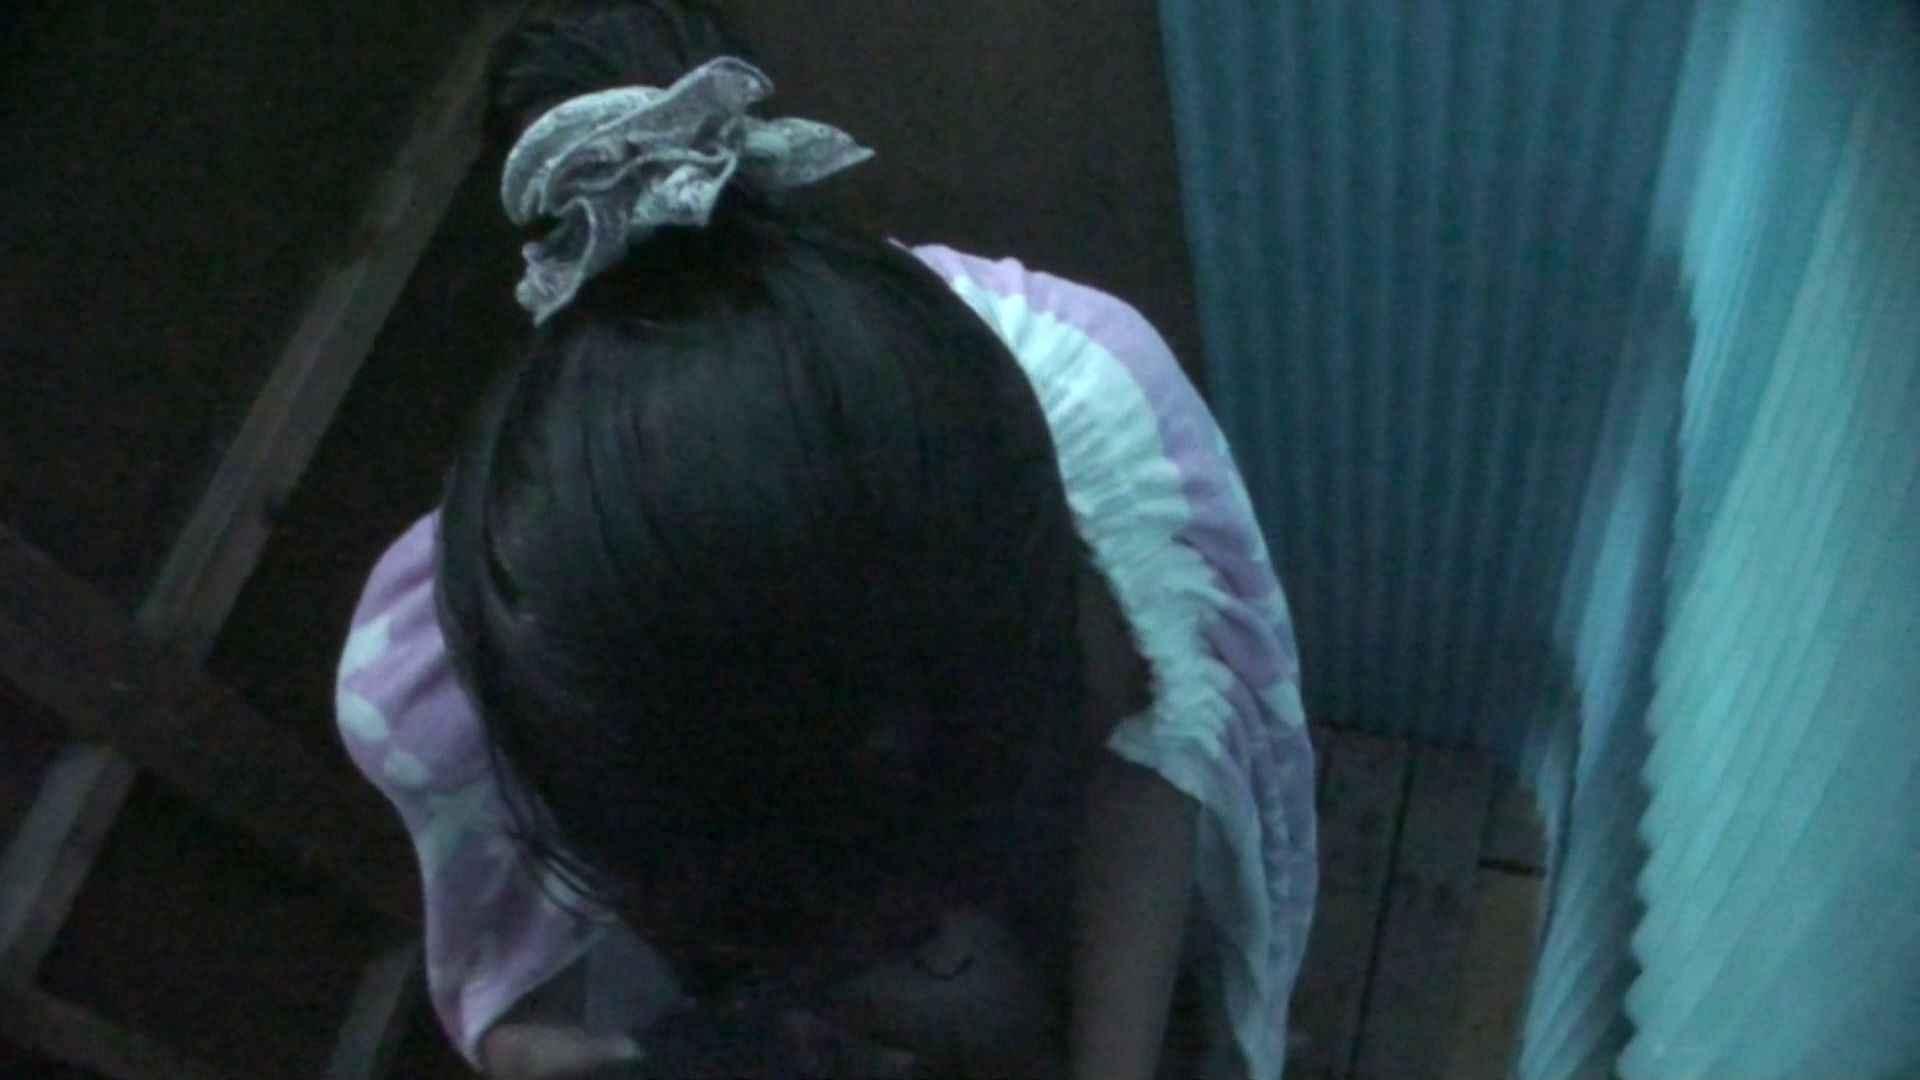 シャワールームは超!!危険な香りVol.26 大学生風美形ギャル 暗さが残念! 高画質  103PIX 60